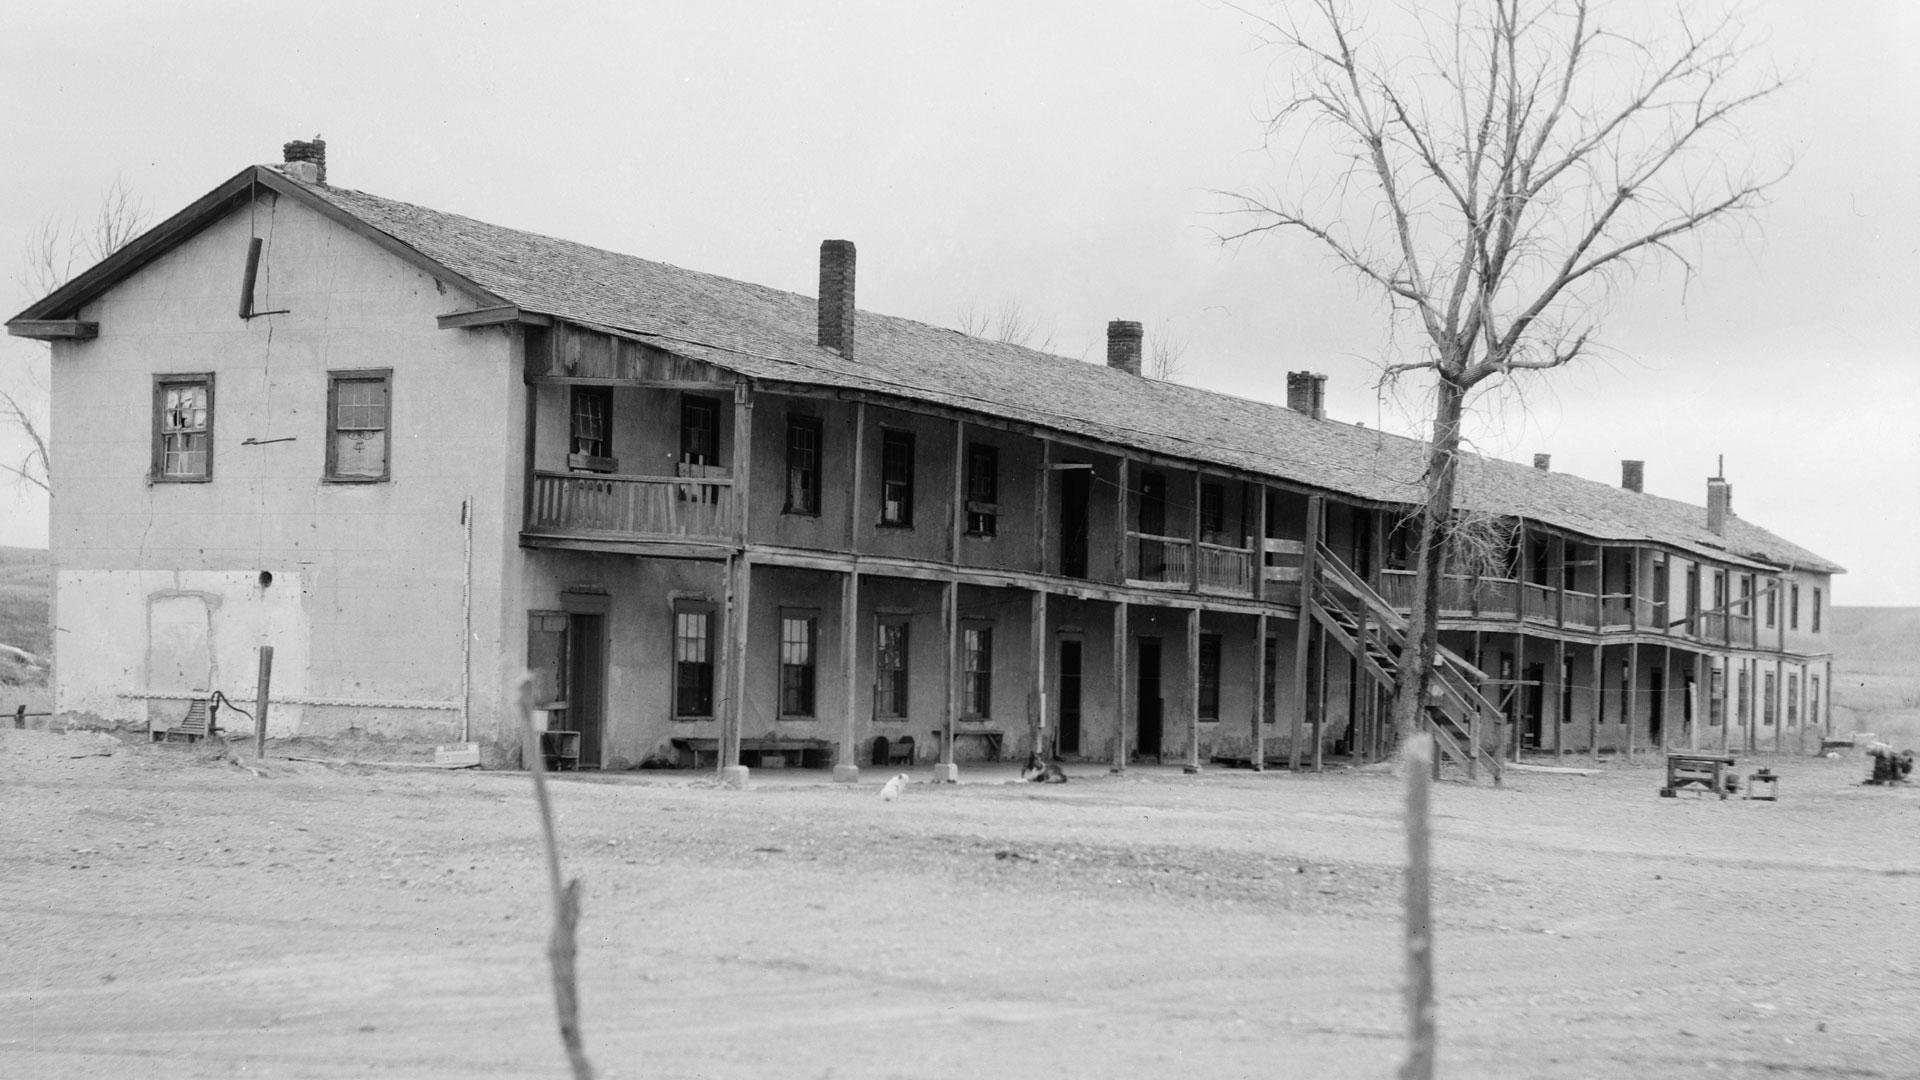 Ft. Laramie